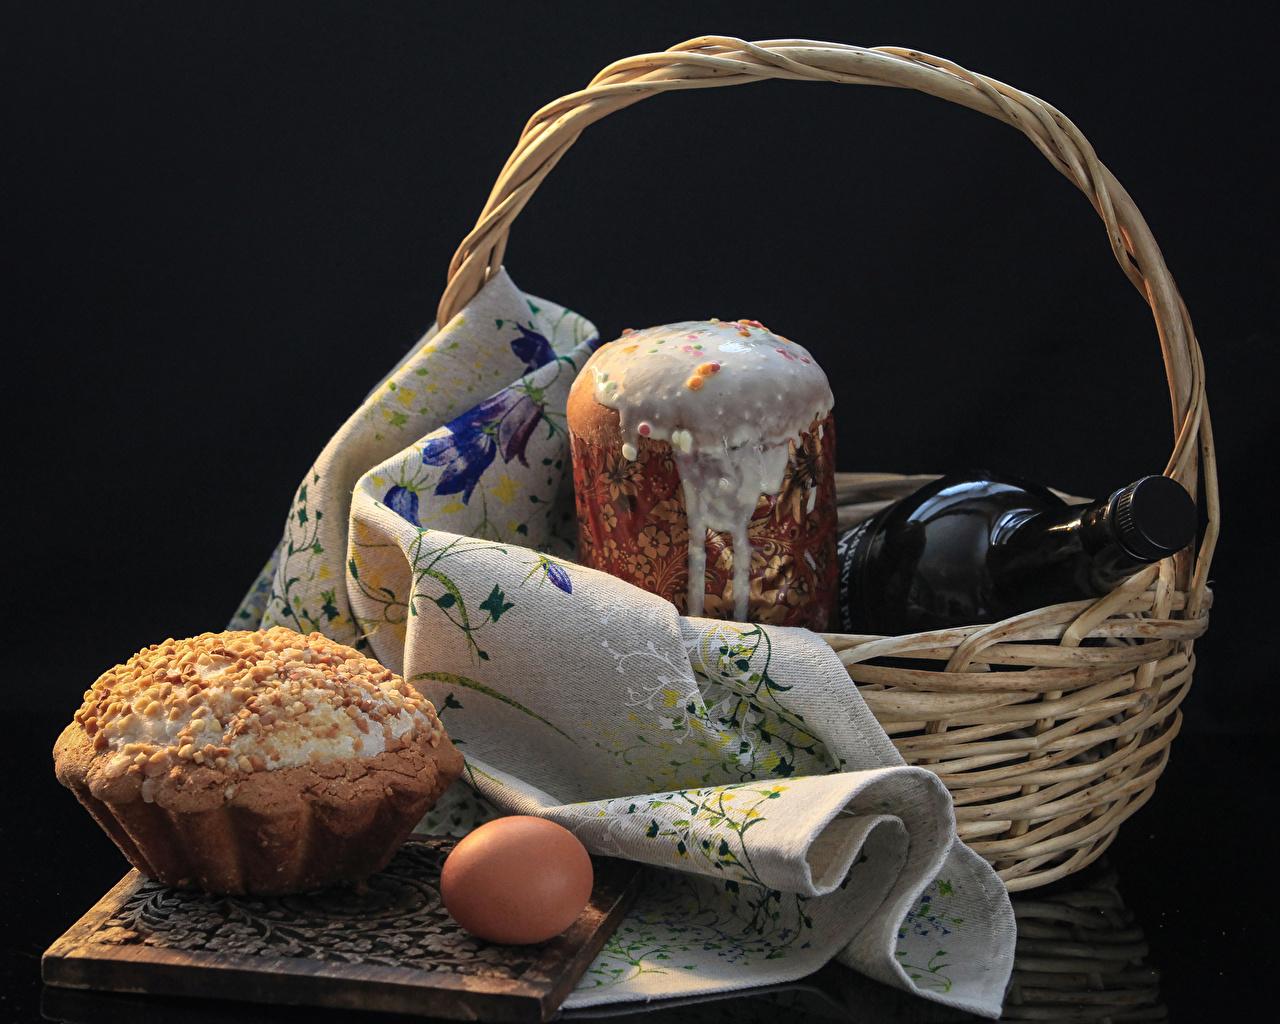 Святят на Пасху, в частности, пасхальные яйца и паски